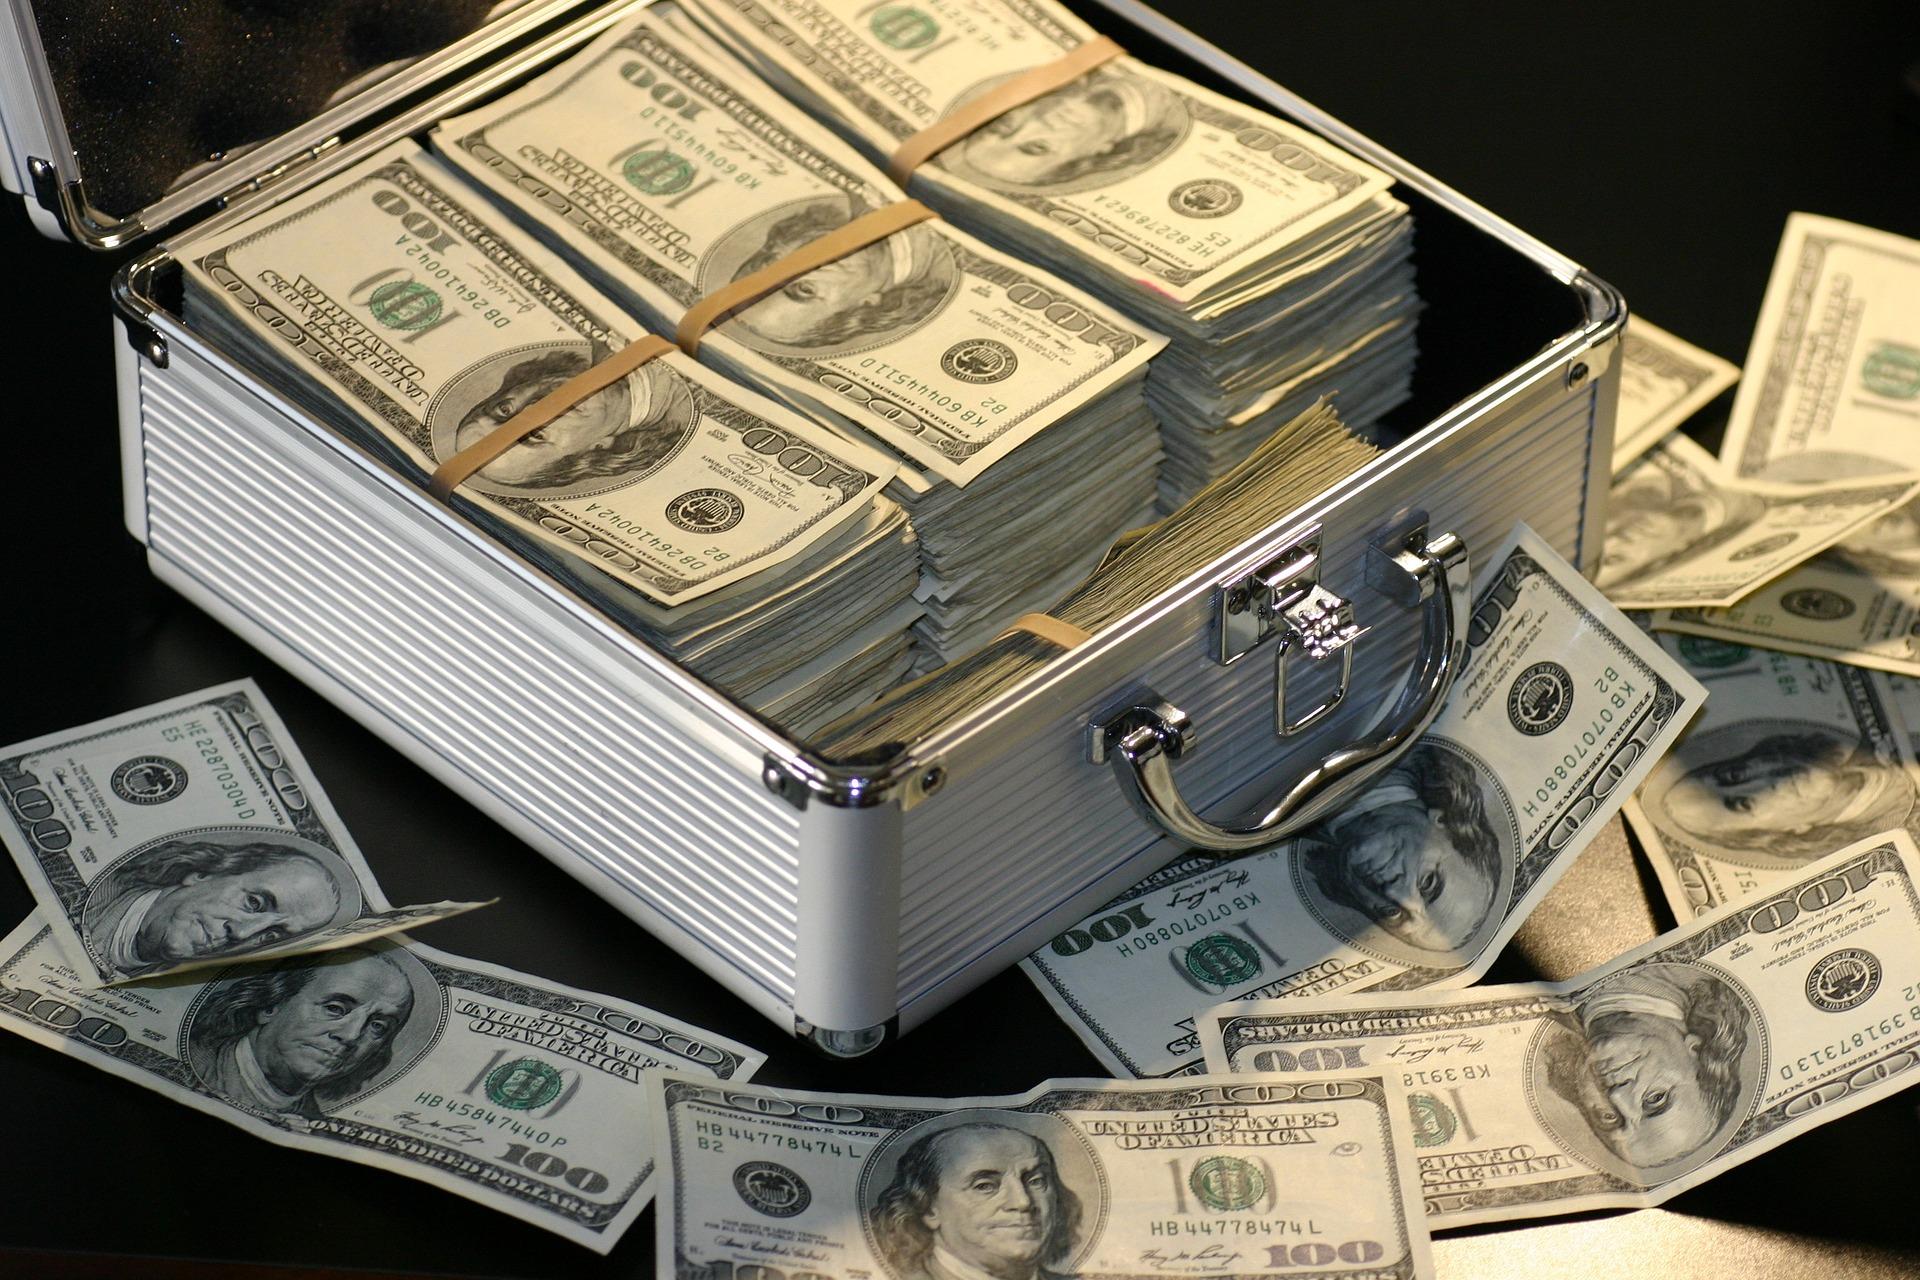 2億円の宝くじが当たったらどうする?